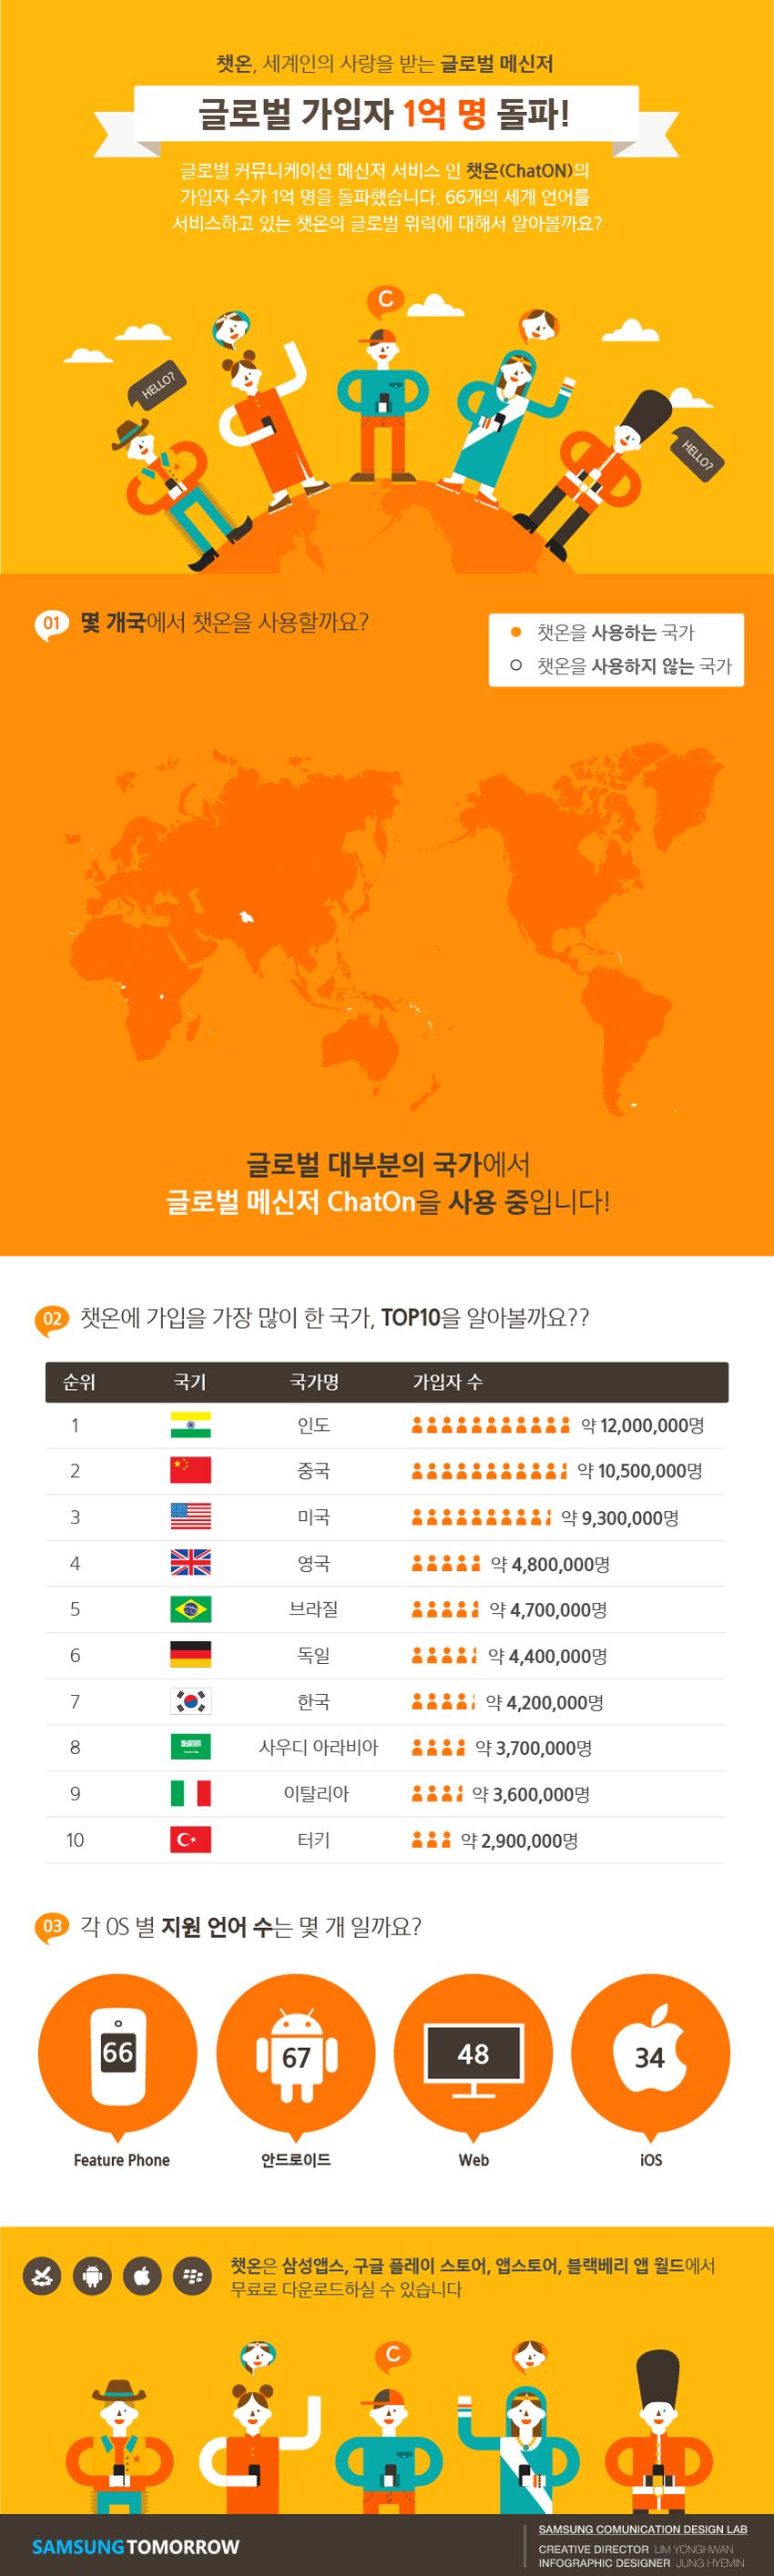 ChatON 글로벌 가입자 1억명 돌파